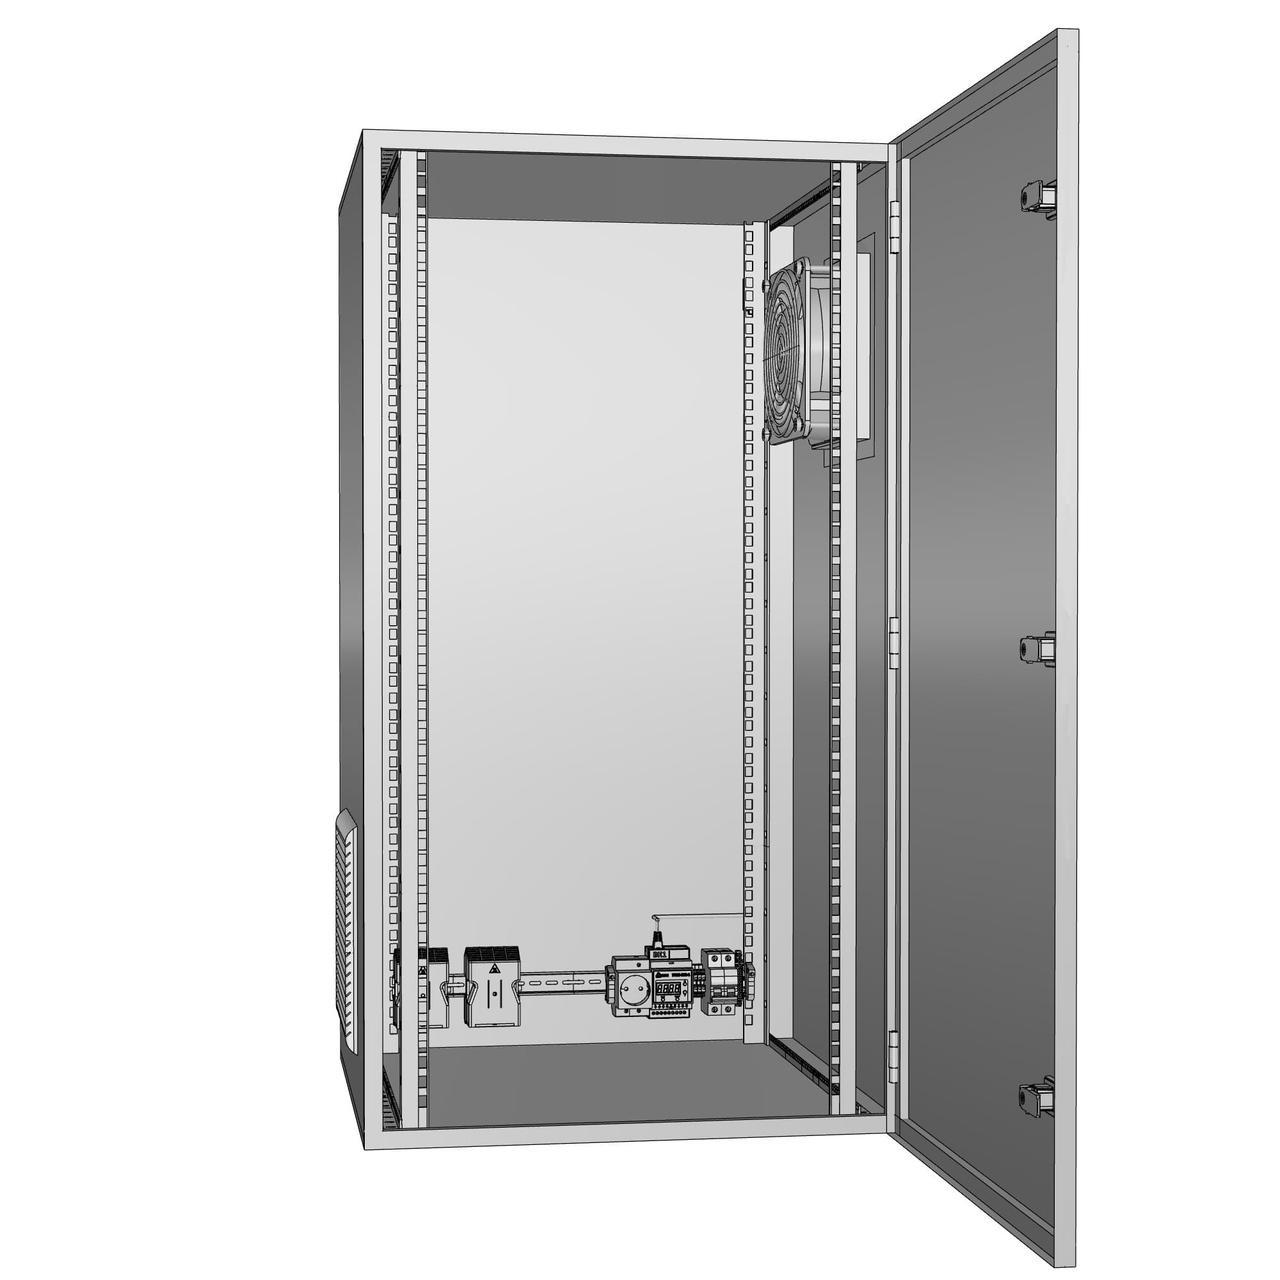 Щит климатический утеплённый с обогревом ЩКу- О- 3 - 600×400×250 (В×Ш×Г) IP65